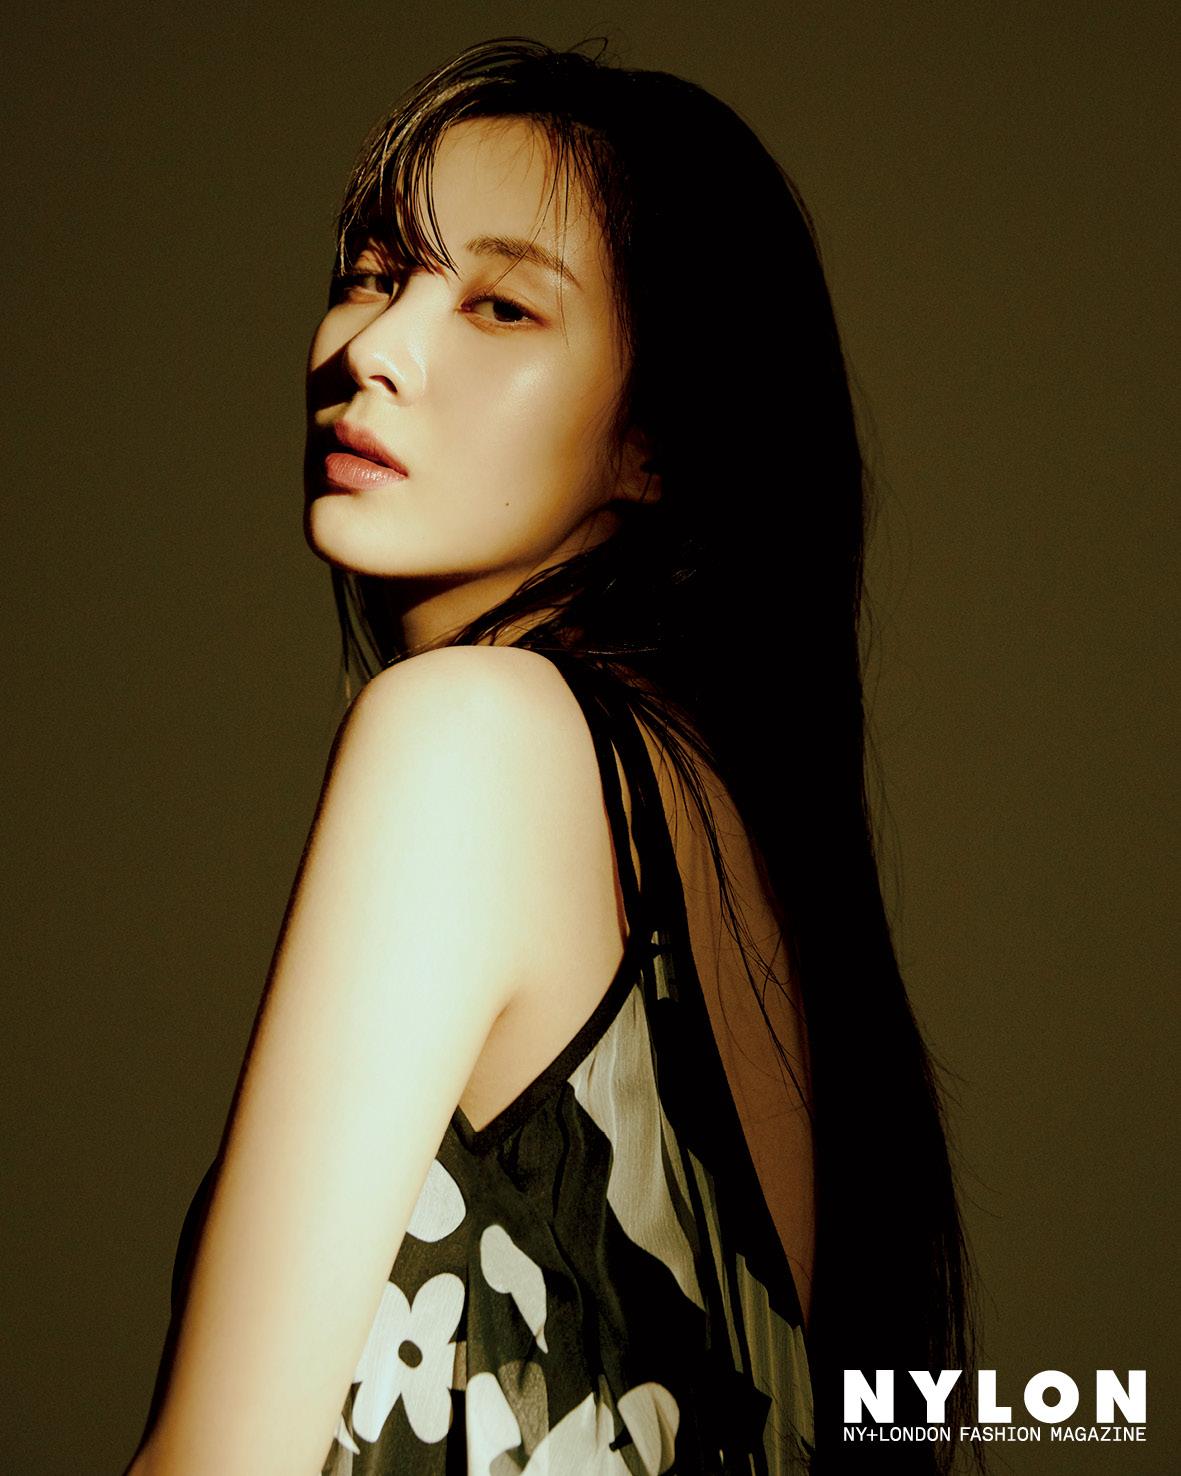 """서현 """"여리고 유약했던 나, 하지만 지금은 두려울 게 하나도 없다"""""""